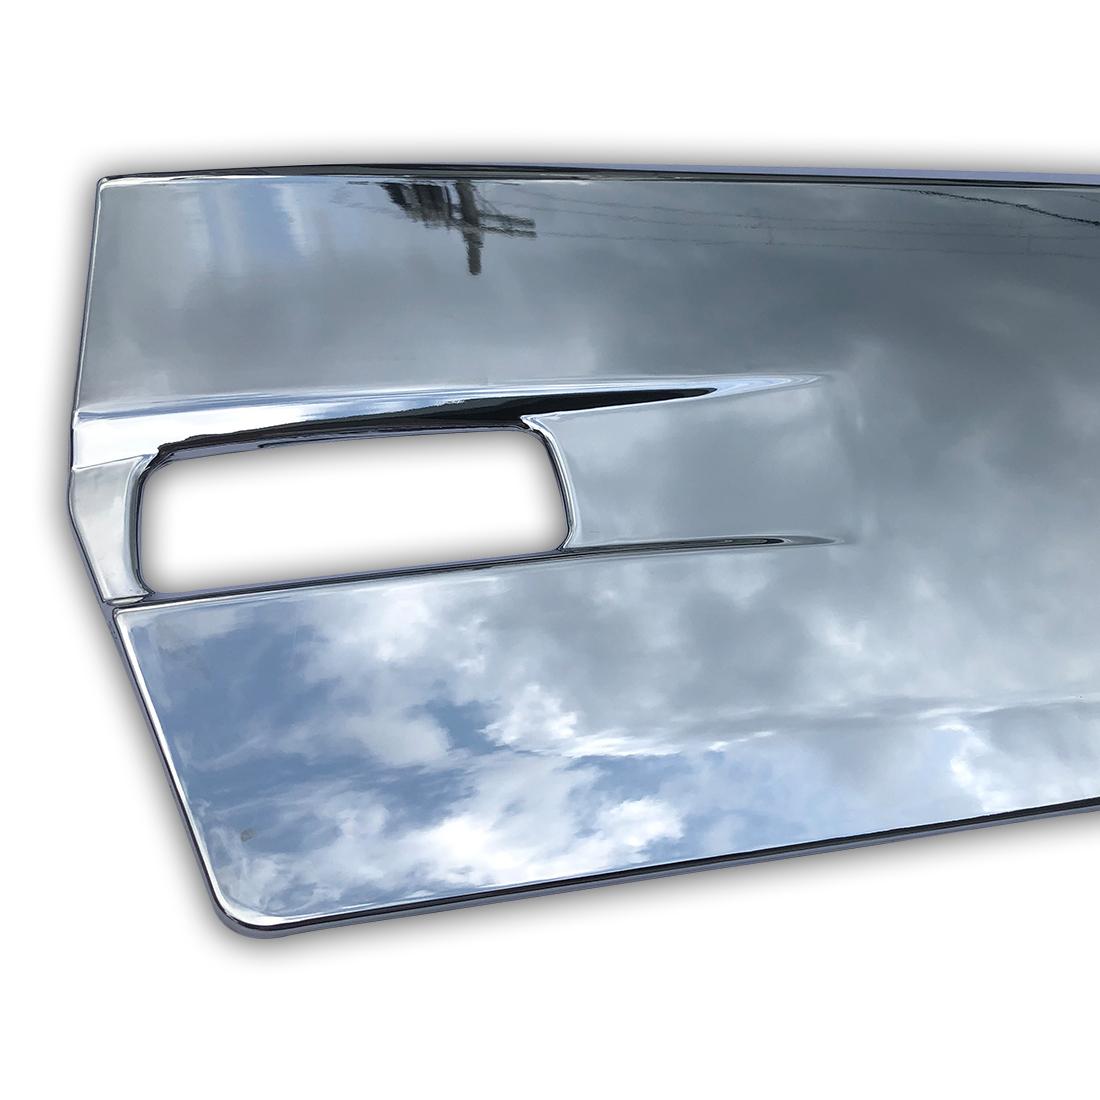 日産 UD クオン 大型 メッキ サイド ドア ガーニッシュ パネル 左右セット ブリスター 平成16年11月~ AP-T136LR_画像3